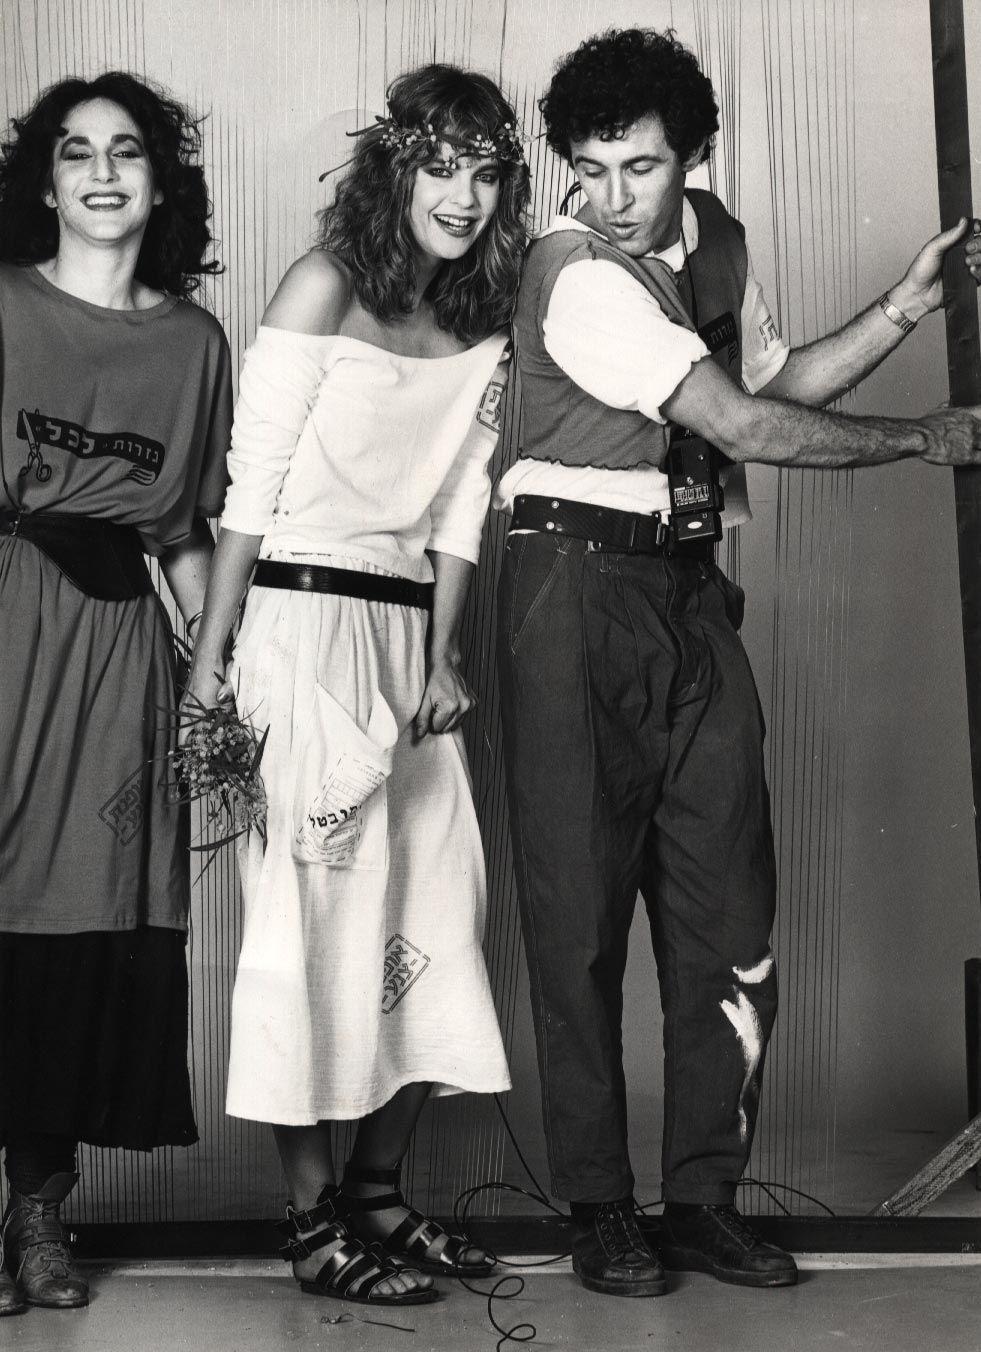 קולקציית צנע, קיץ 1984: מנחם עוז, חלי גולדנברג ודורין פרנקפורט